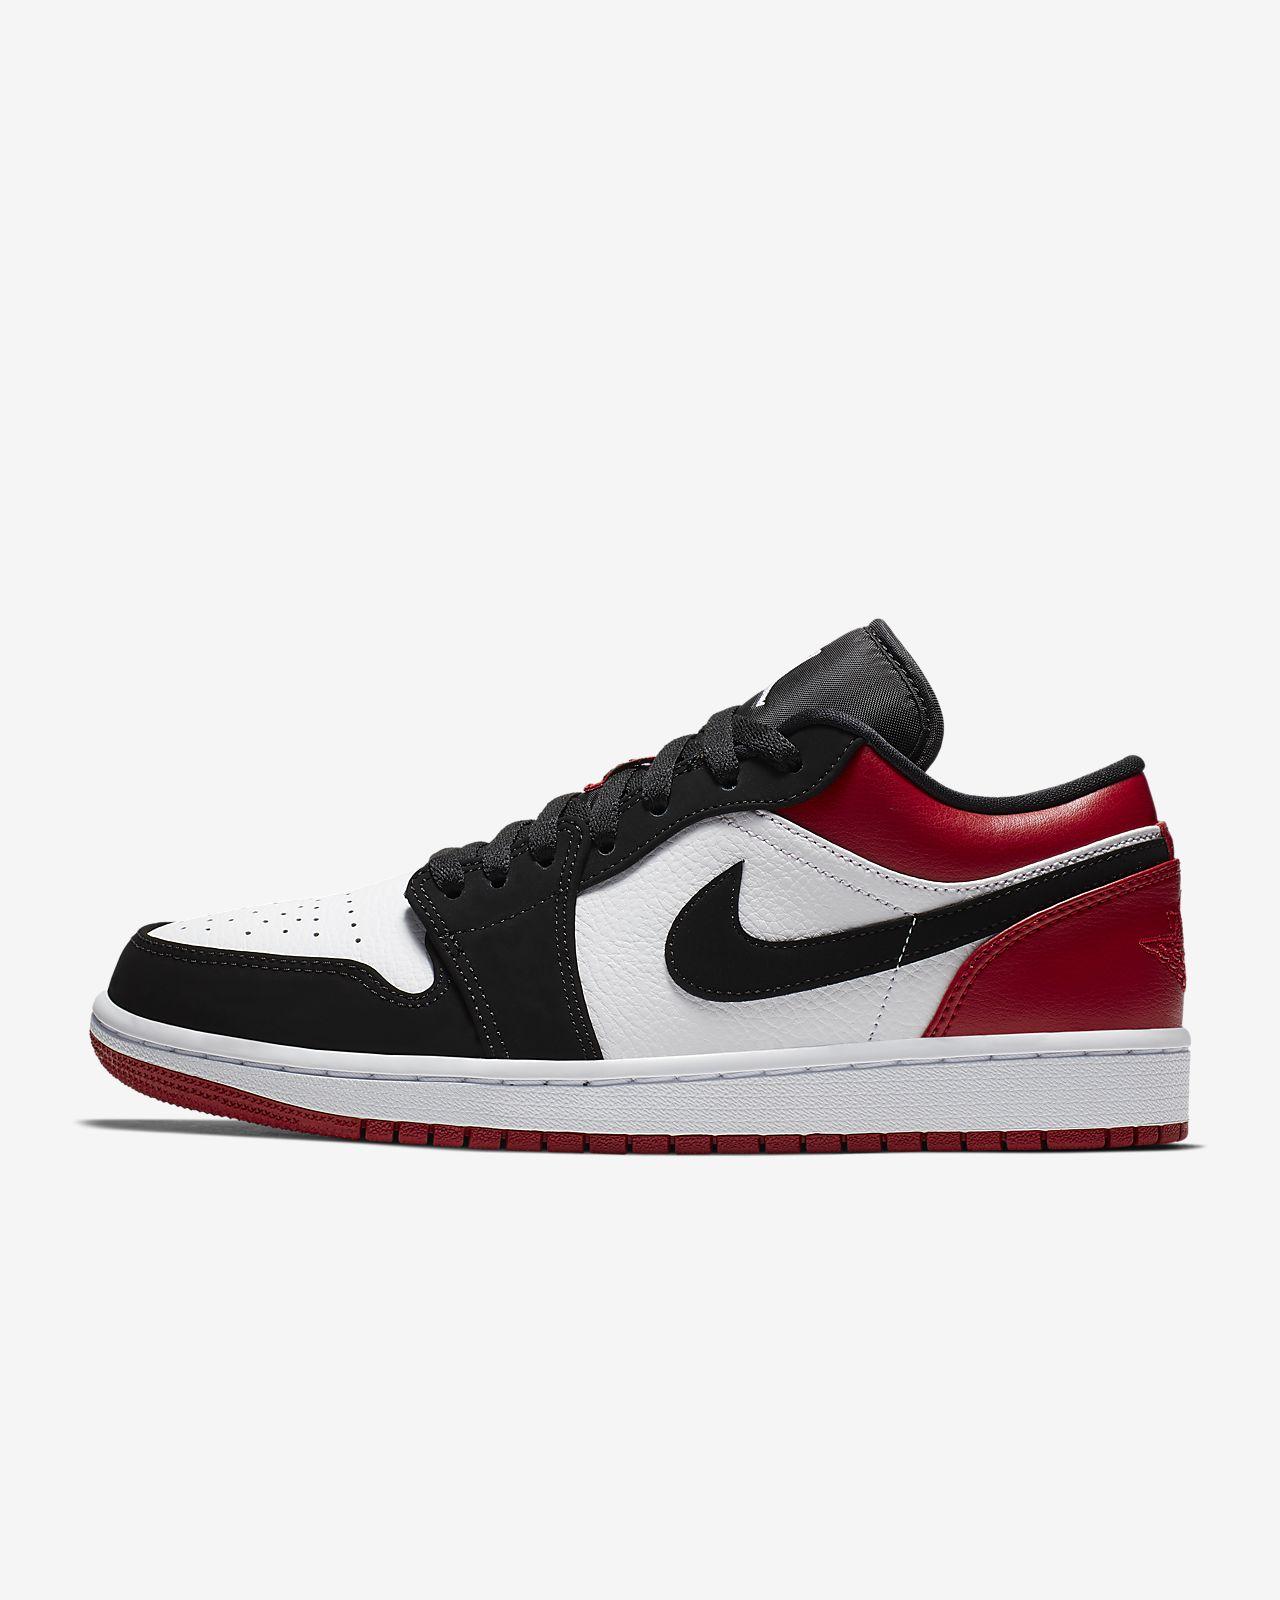 Air Jordan 1 Jordan Uomo Nike Air 1 Low Bianco * InnovaSystem